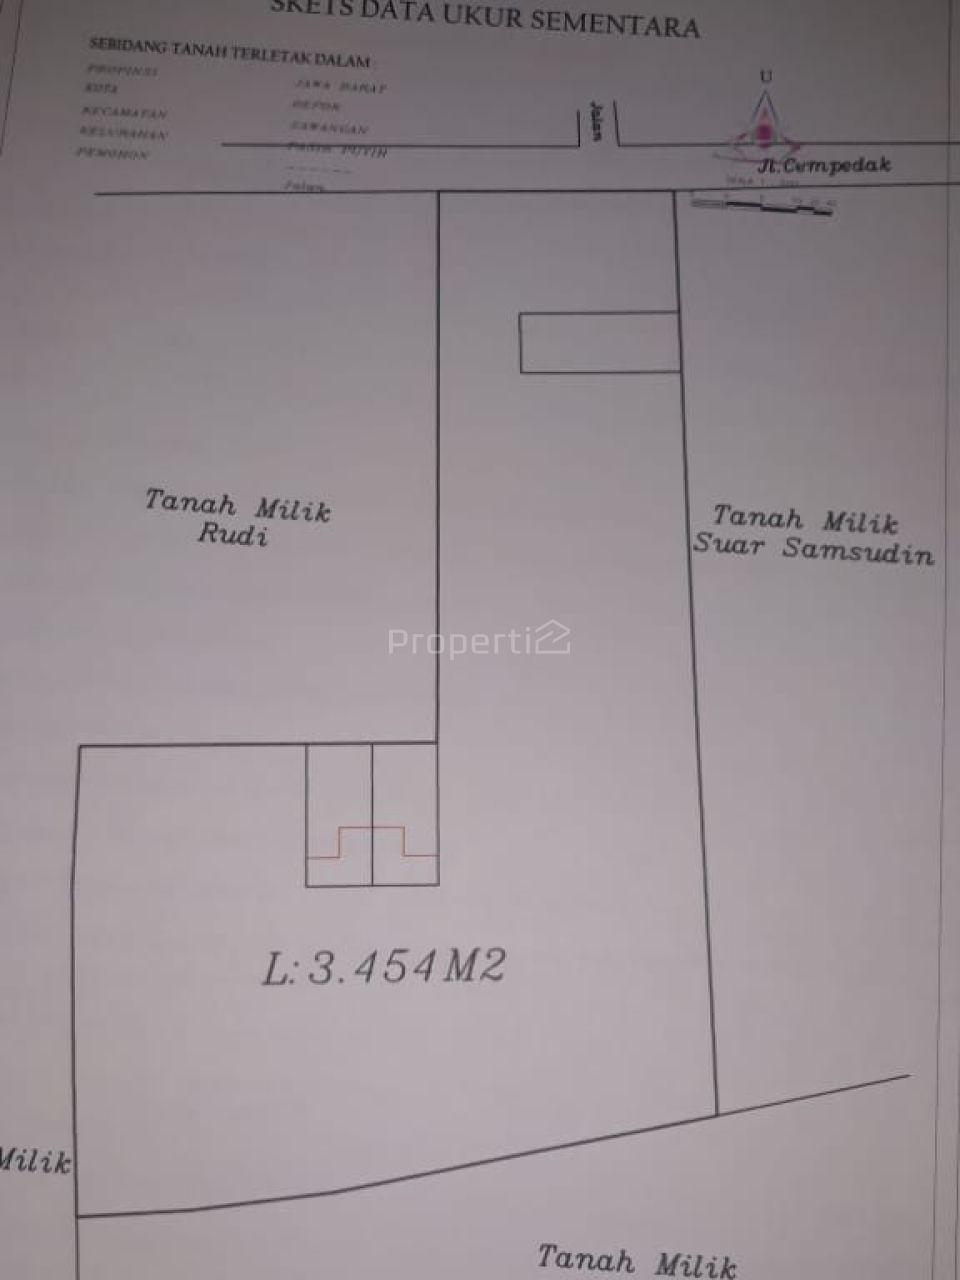 Take over Strategic land in Sawangan, Kota Depok